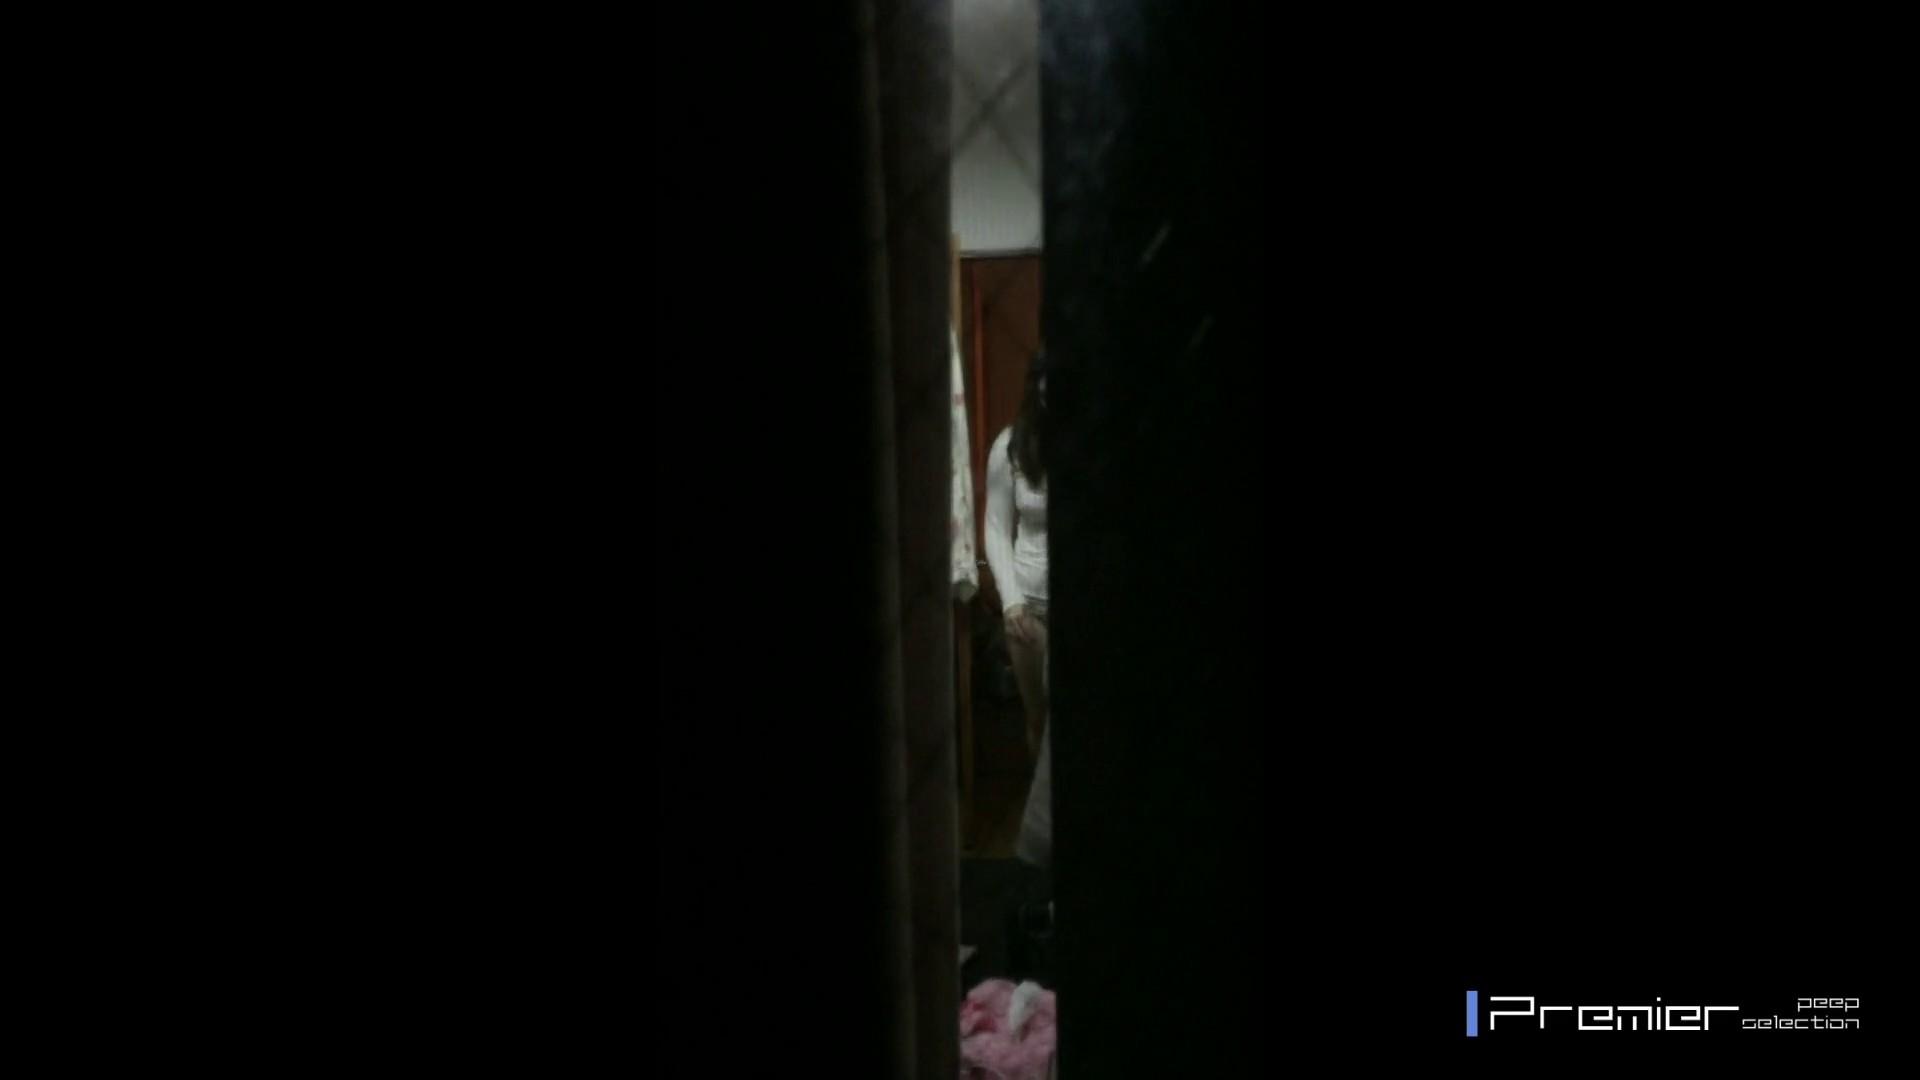 マニア必見!ポチャ達のカーニバル美女達の私生活に潜入! 桃色乳首 アダルト動画キャプチャ 76枚 73